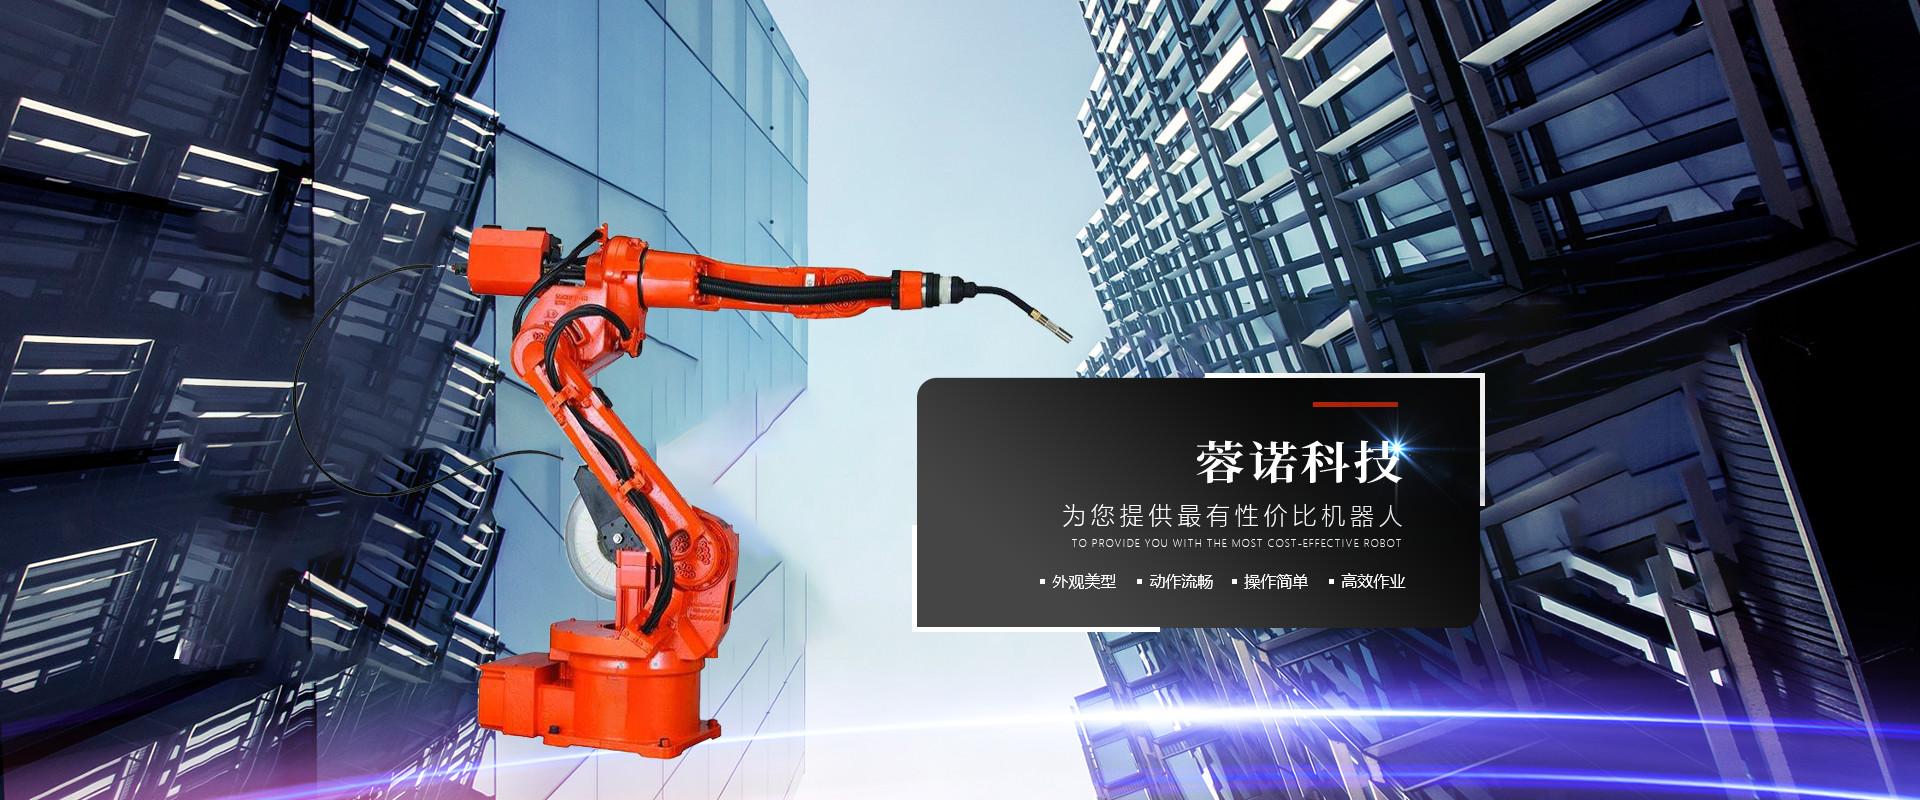 高效深熔弧焊机_福尼斯激光焊机价格